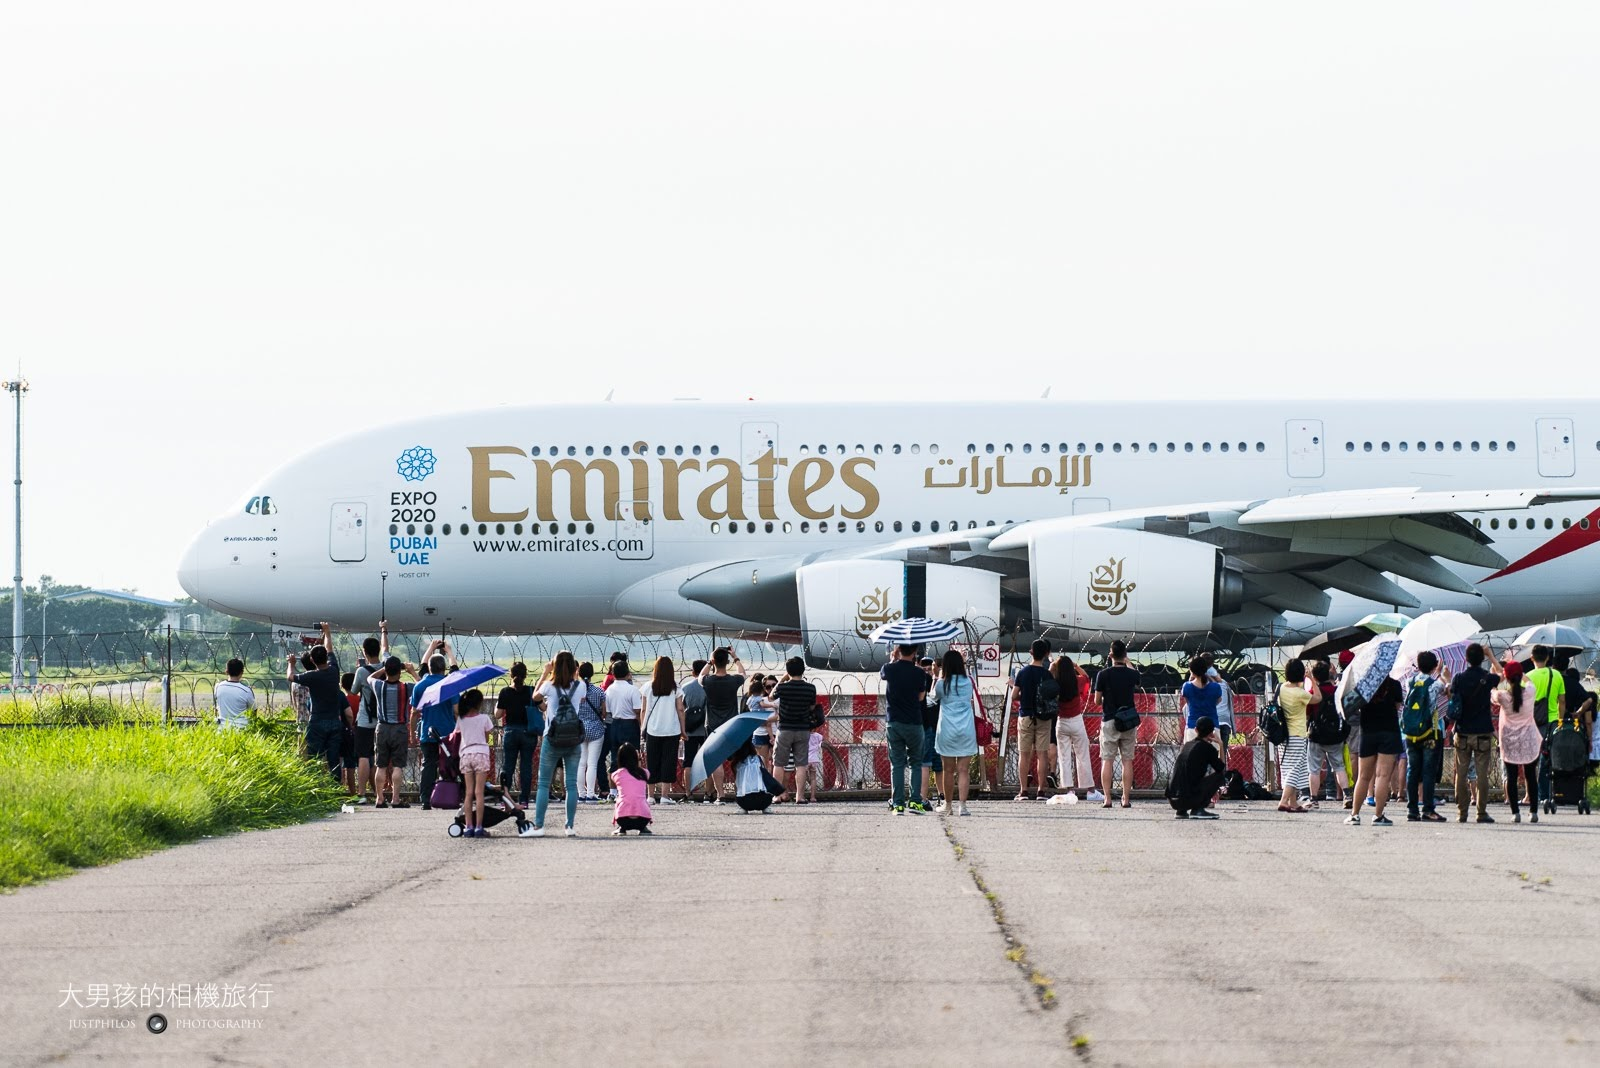 桃園大園戰備聯絡道可以近距離從側面欣賞降落滑行的A380客機。